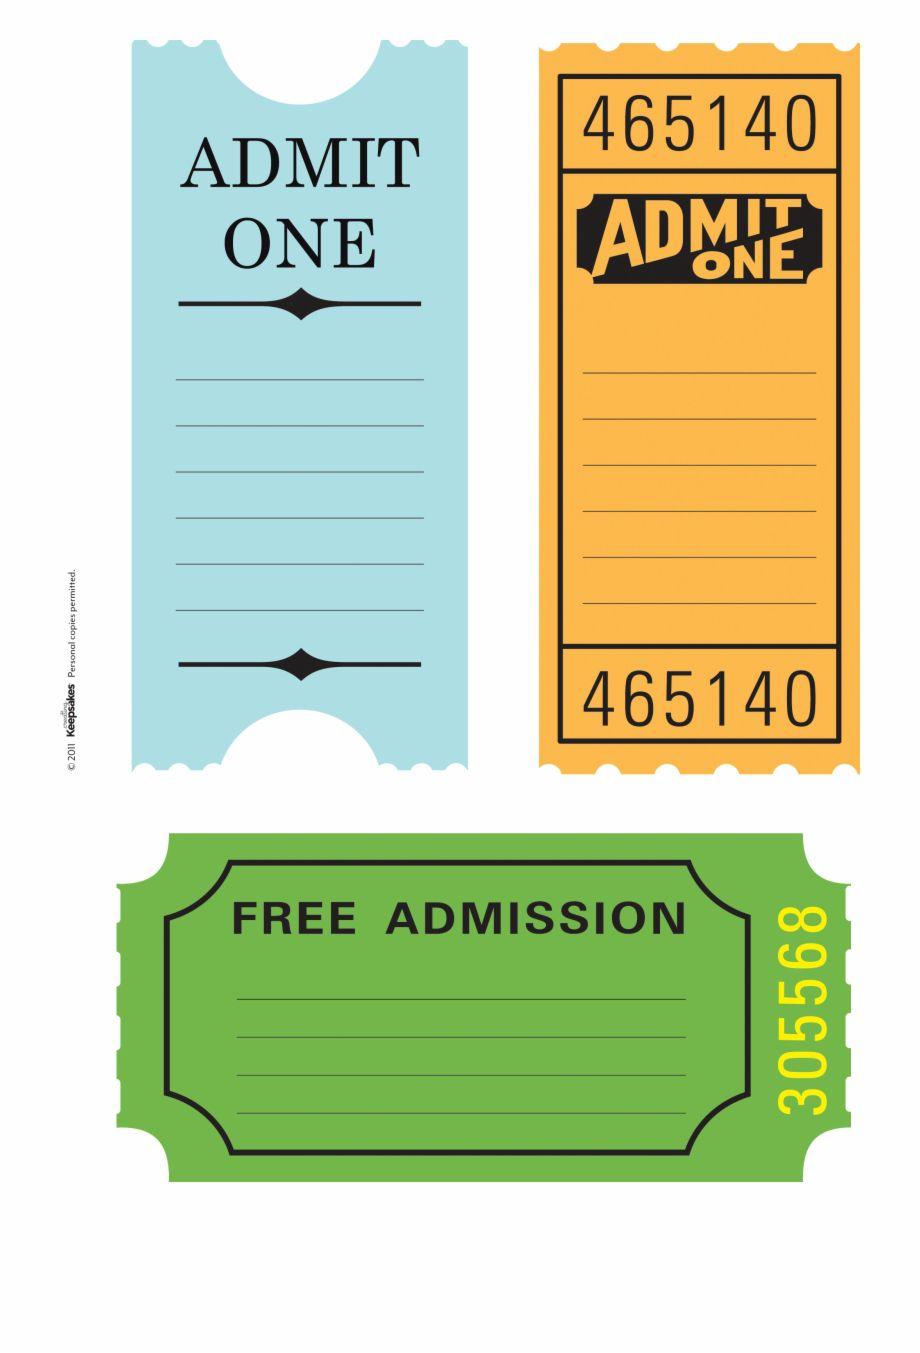 001 Impressive Free Printable Ticket Stub Template Sample Full